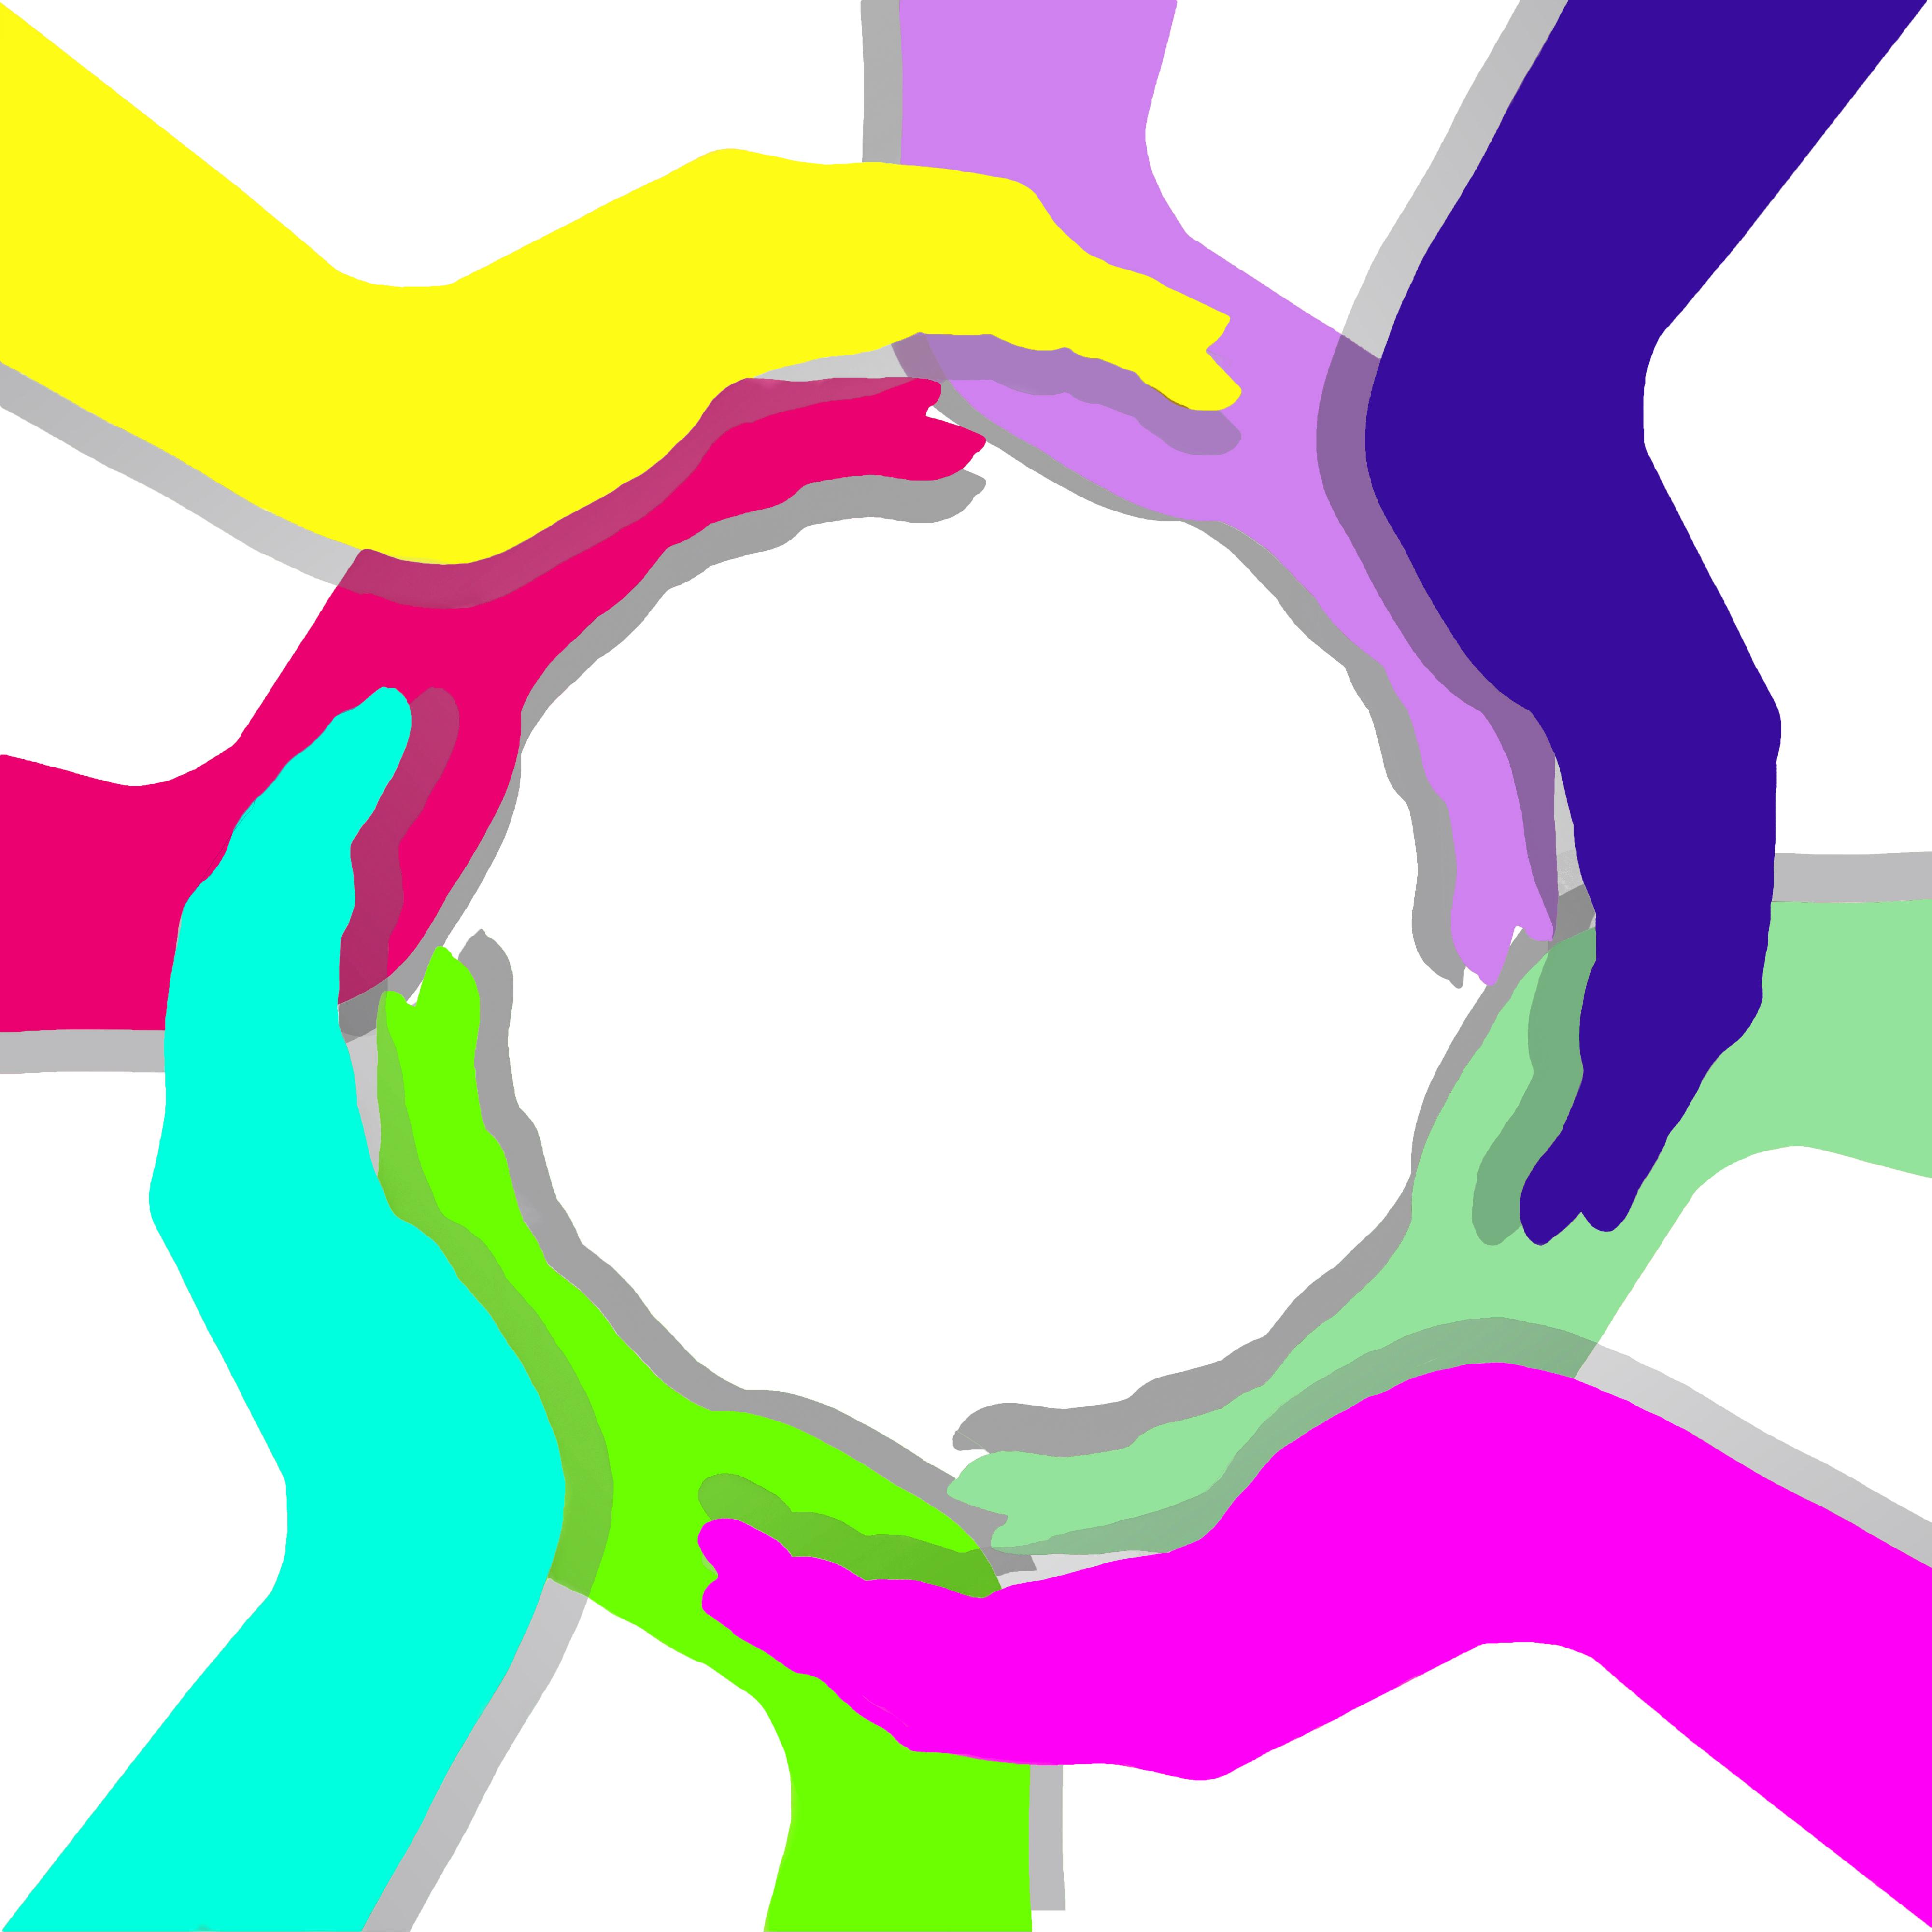 логотип  фото f_06255ccdb5b7e512.jpg